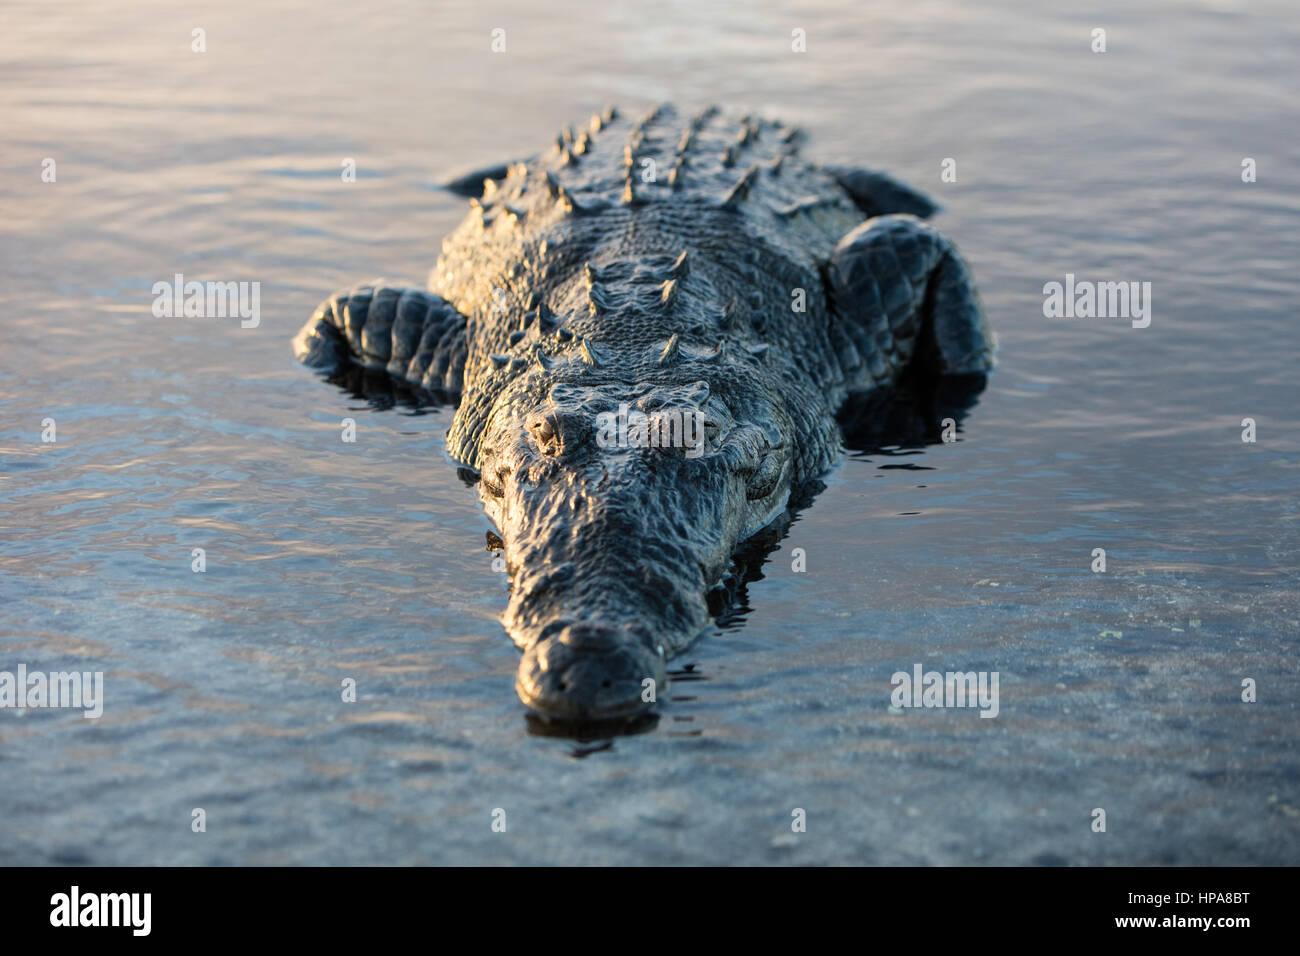 Un furtivo coccodrillo americano si trova appena sotto la superficie di una laguna al largo delle coste del Belize. Immagini Stock